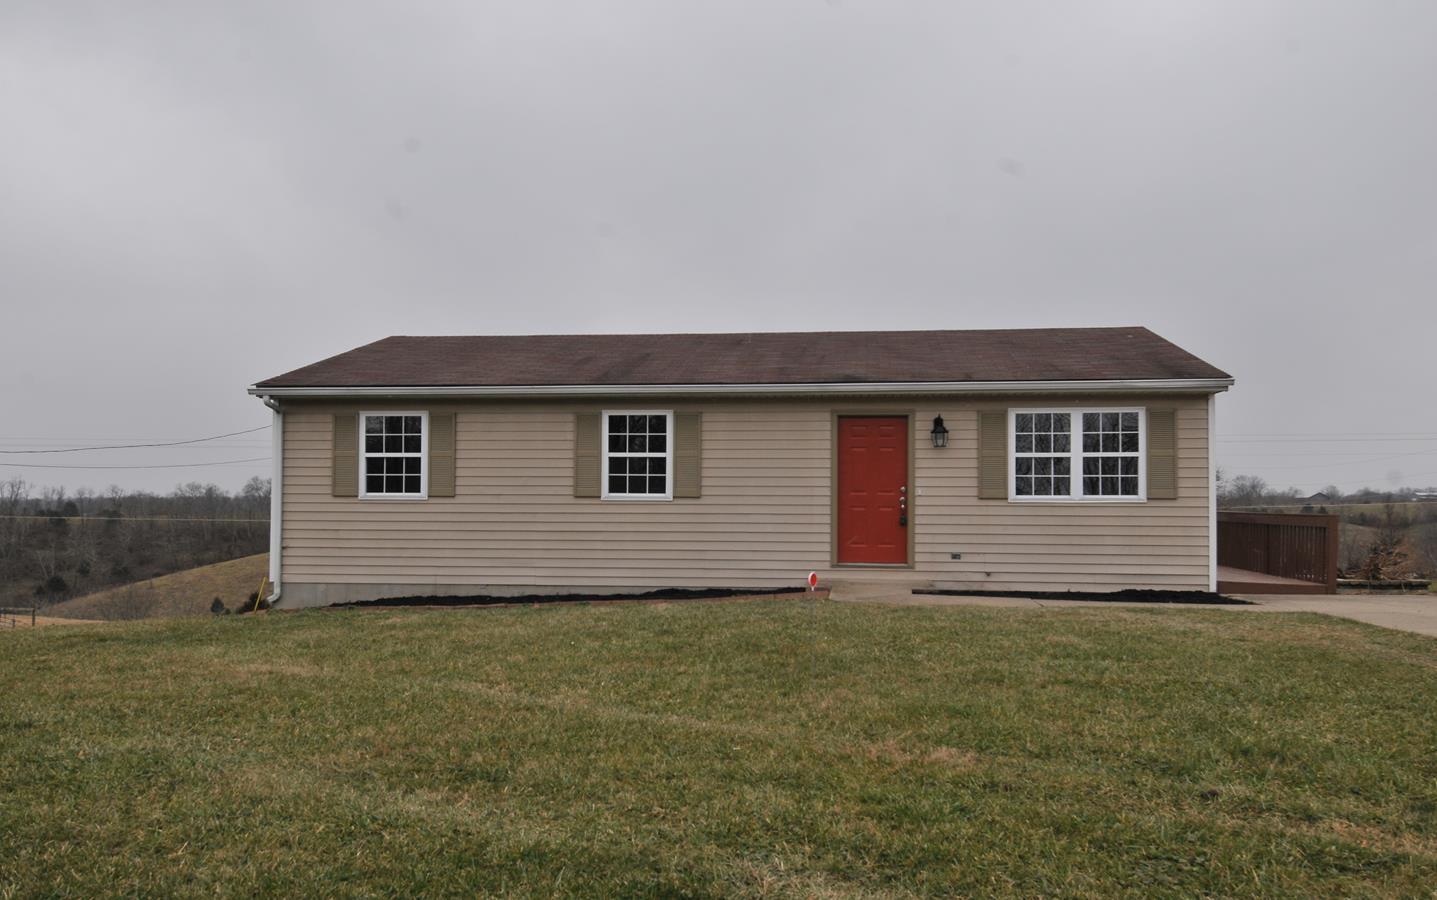 645 Reeves Rd, Dry Ridge, KY 41035